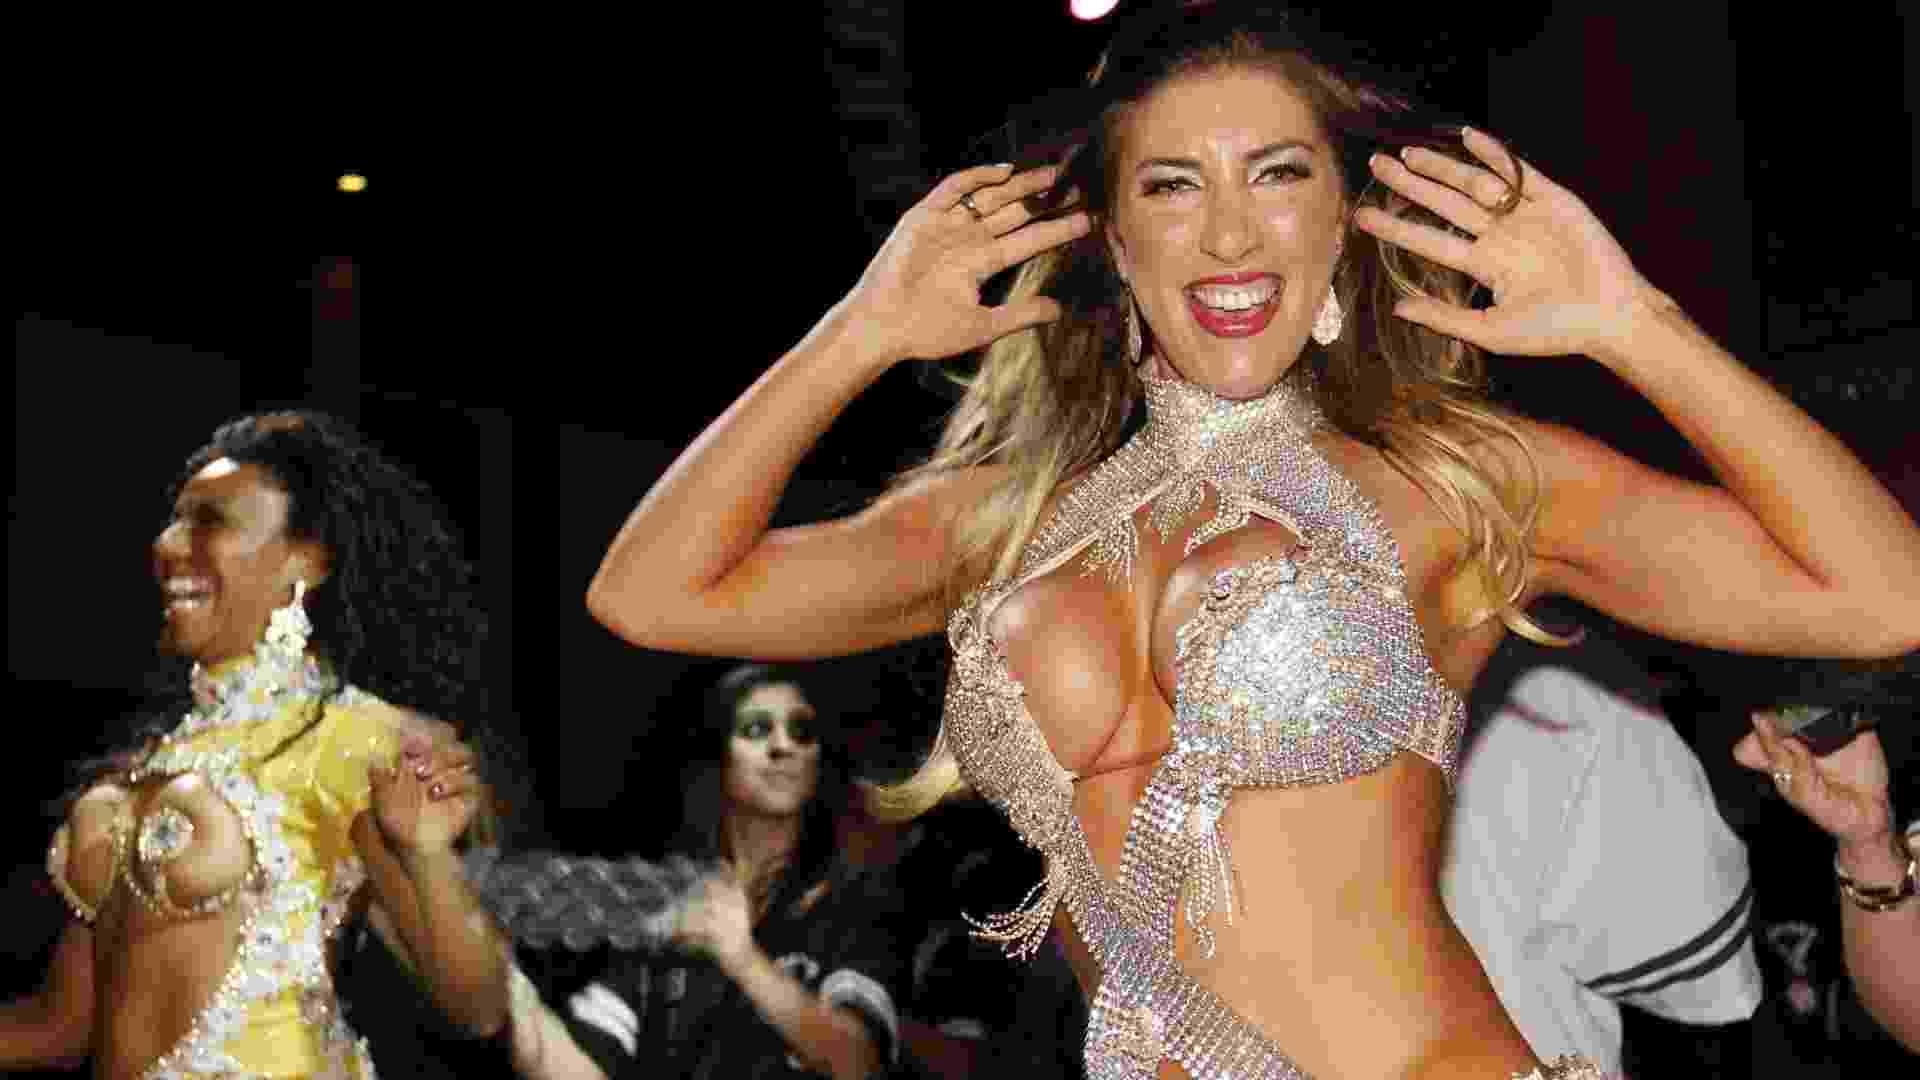 Tatiane Minerato, a rainha da bateria da Gaviões da Fiel, dança no evento em São Paulo (25/9/12) - Danilo Carvalho/Agnews